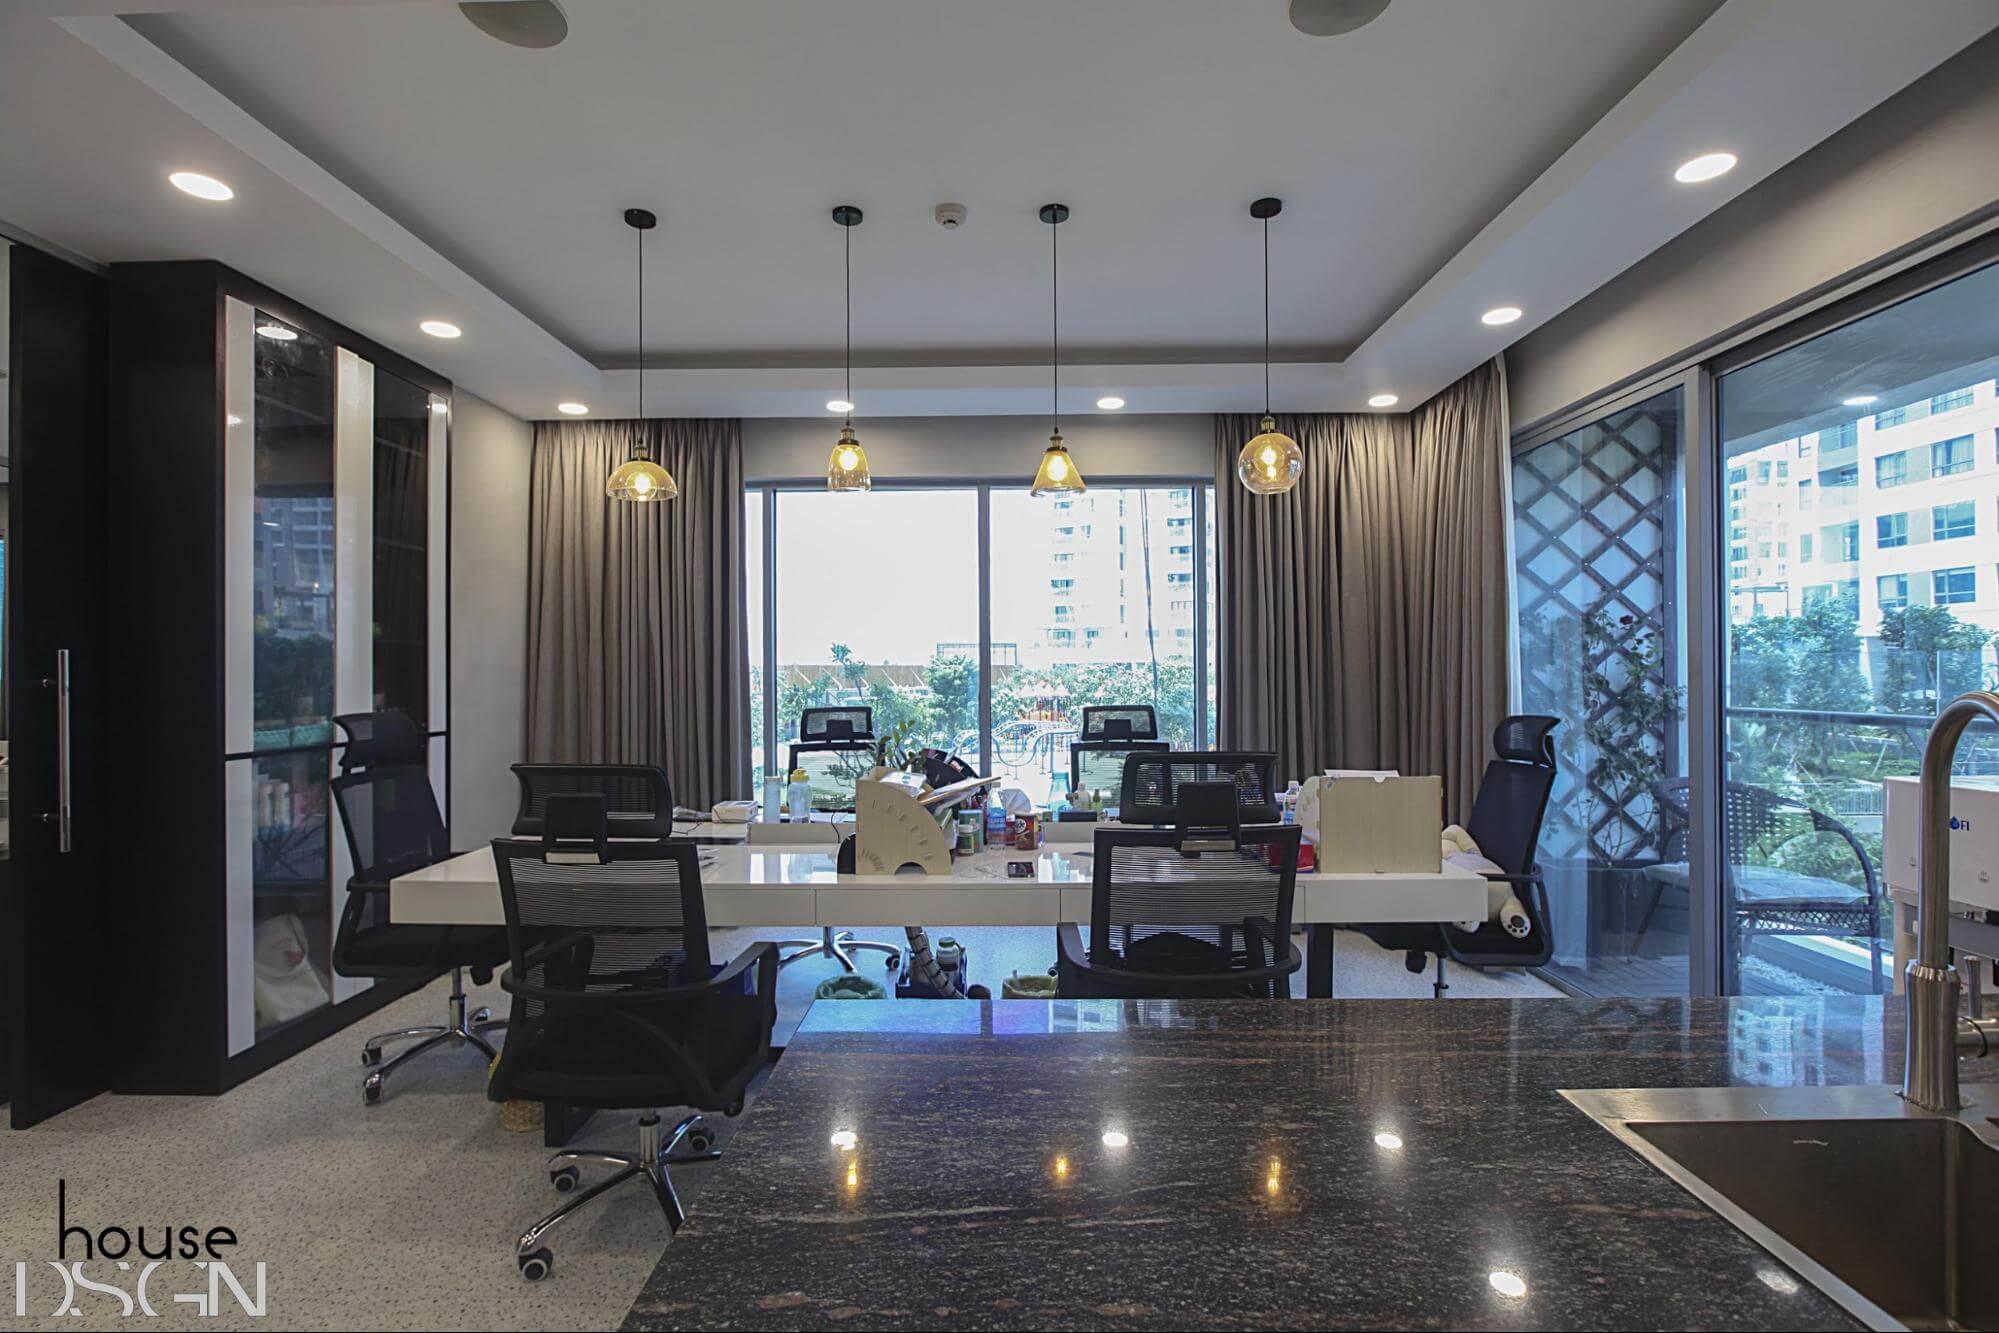 mẫu thiết kế nội thất hiện đại cho văn phòng